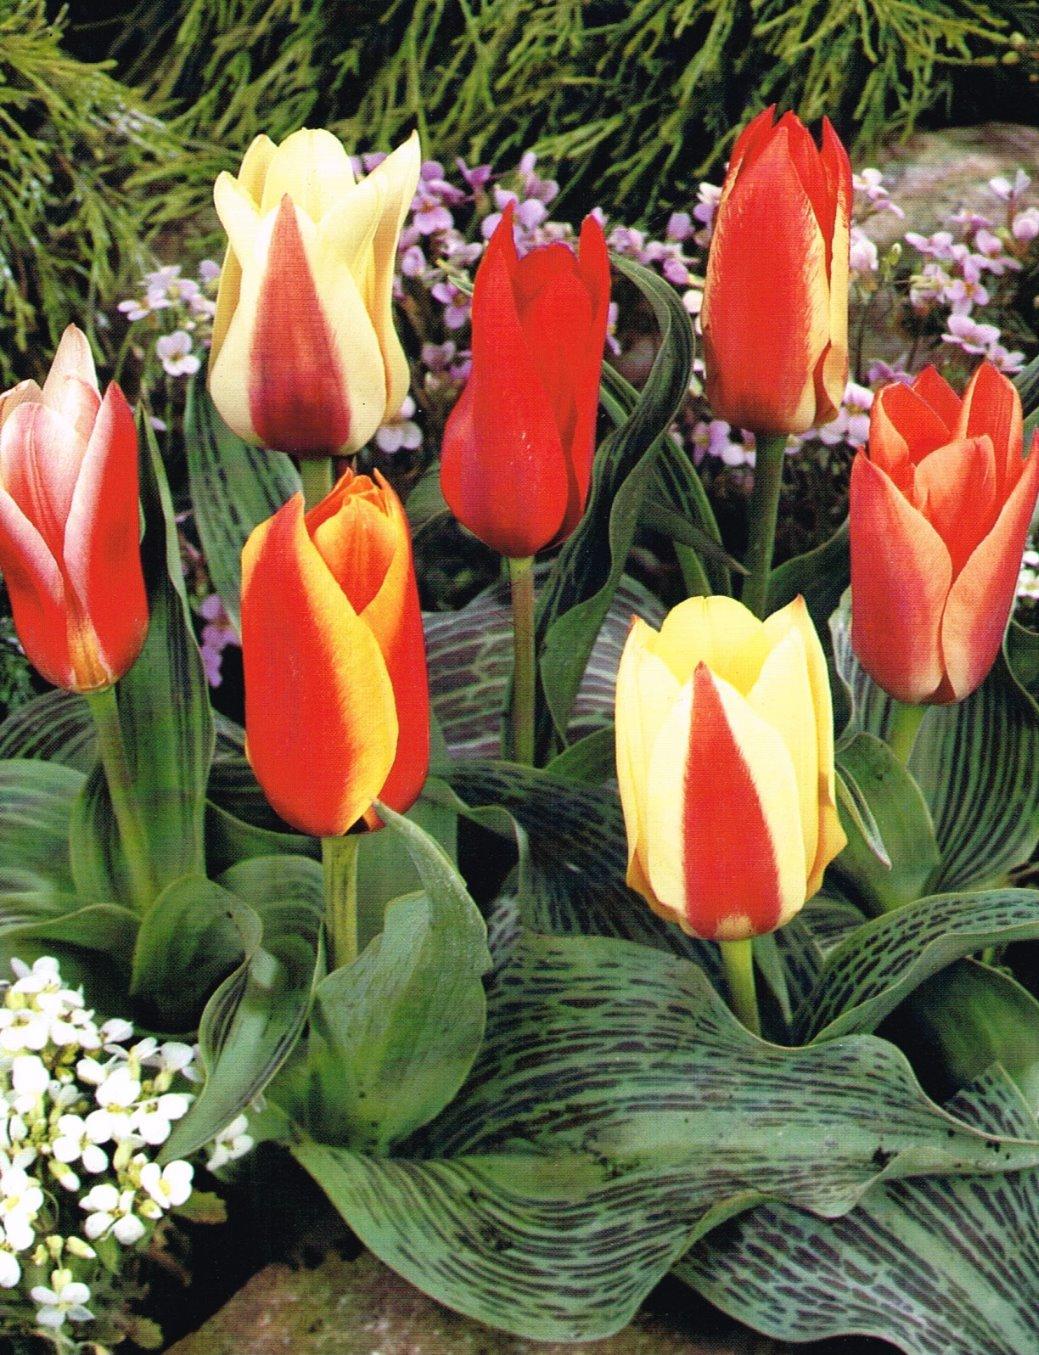 Dwarf rockery tulips